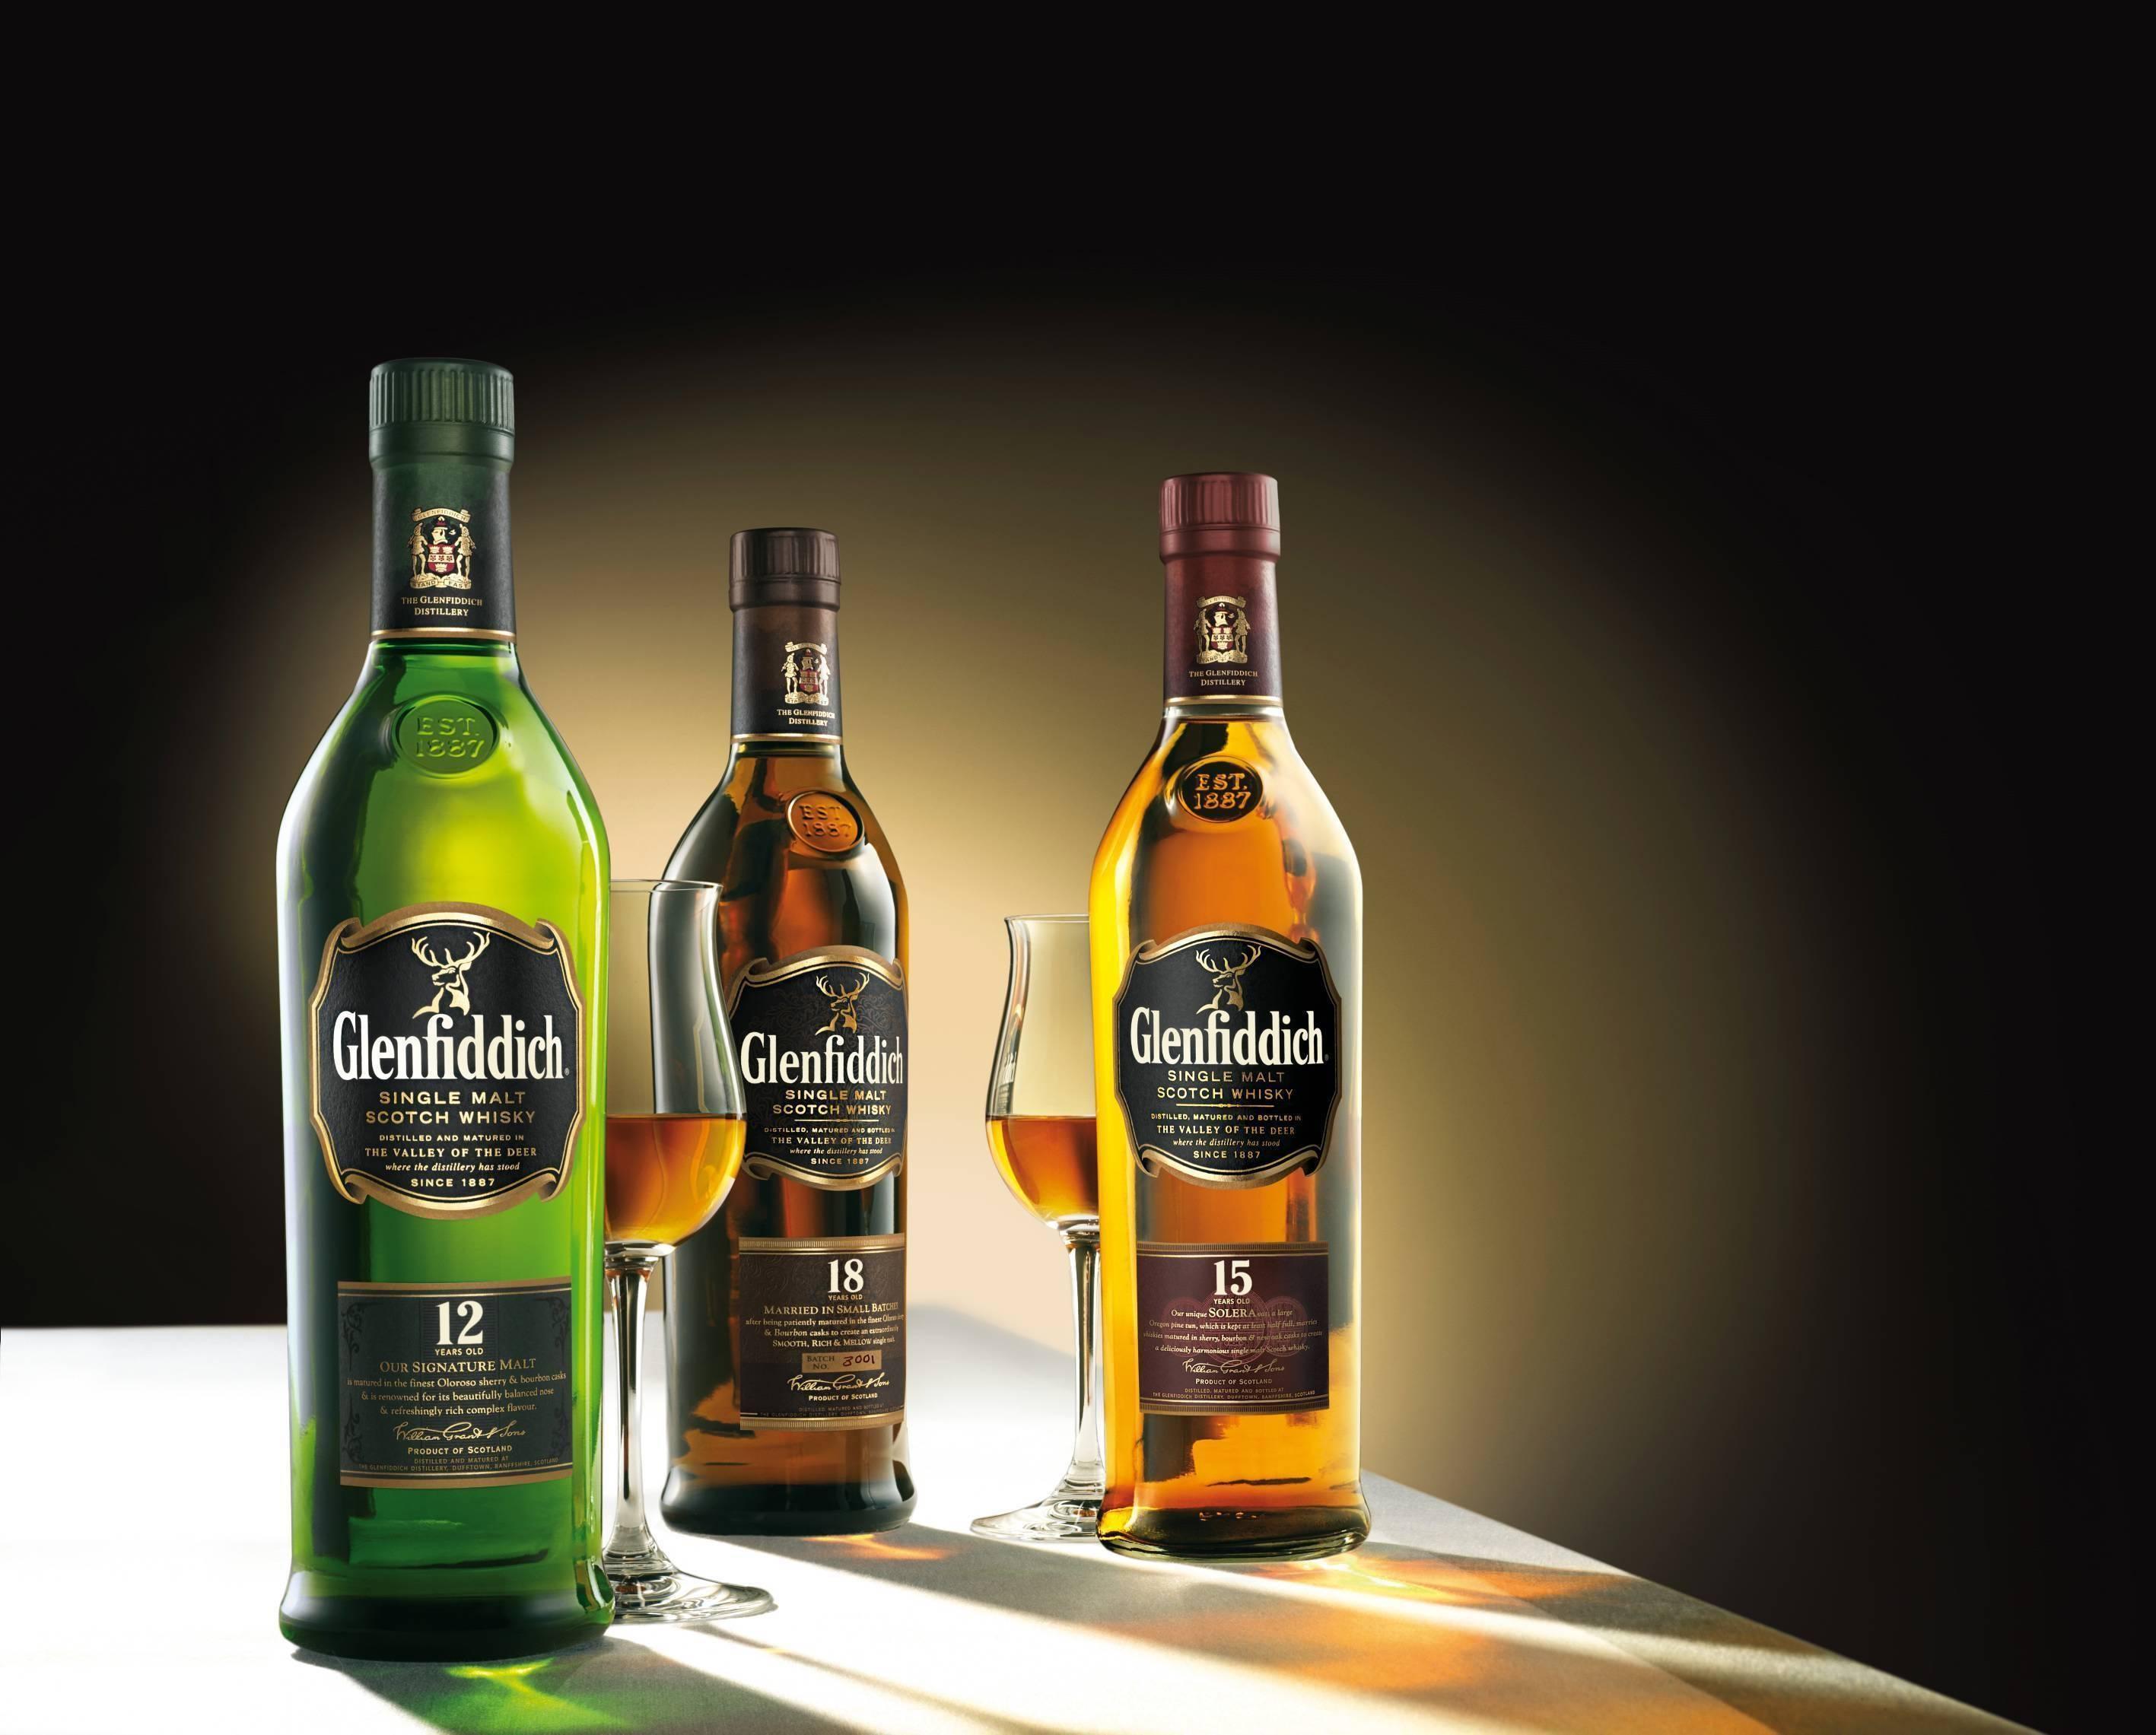 Российское виски: лучшие торговые марки и отзывы